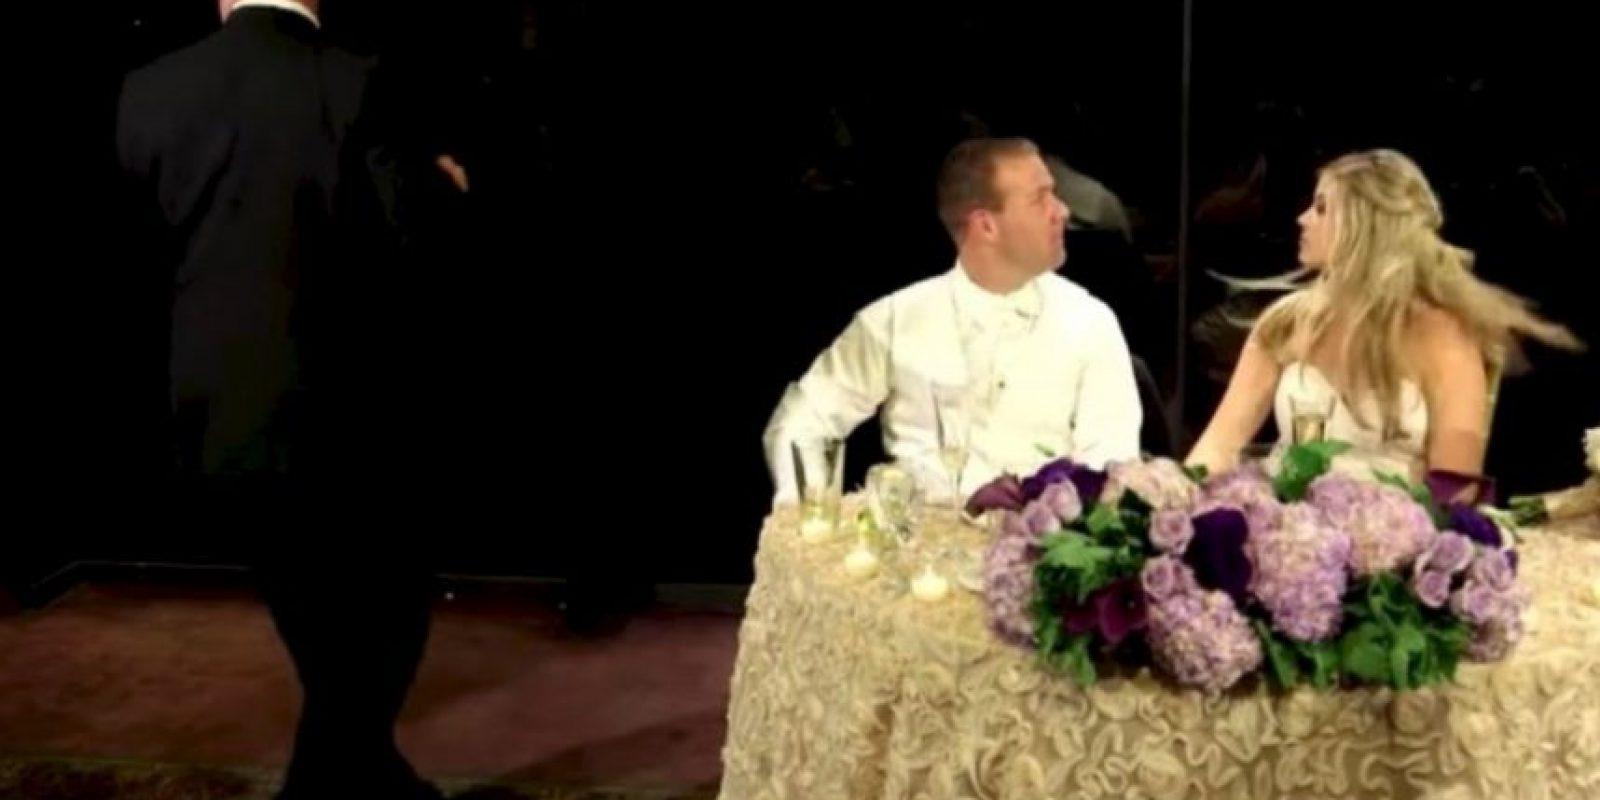 Bombero interrumpe su boda para salvar a hombre que se ahogaba Foto:YouTube – Archivo